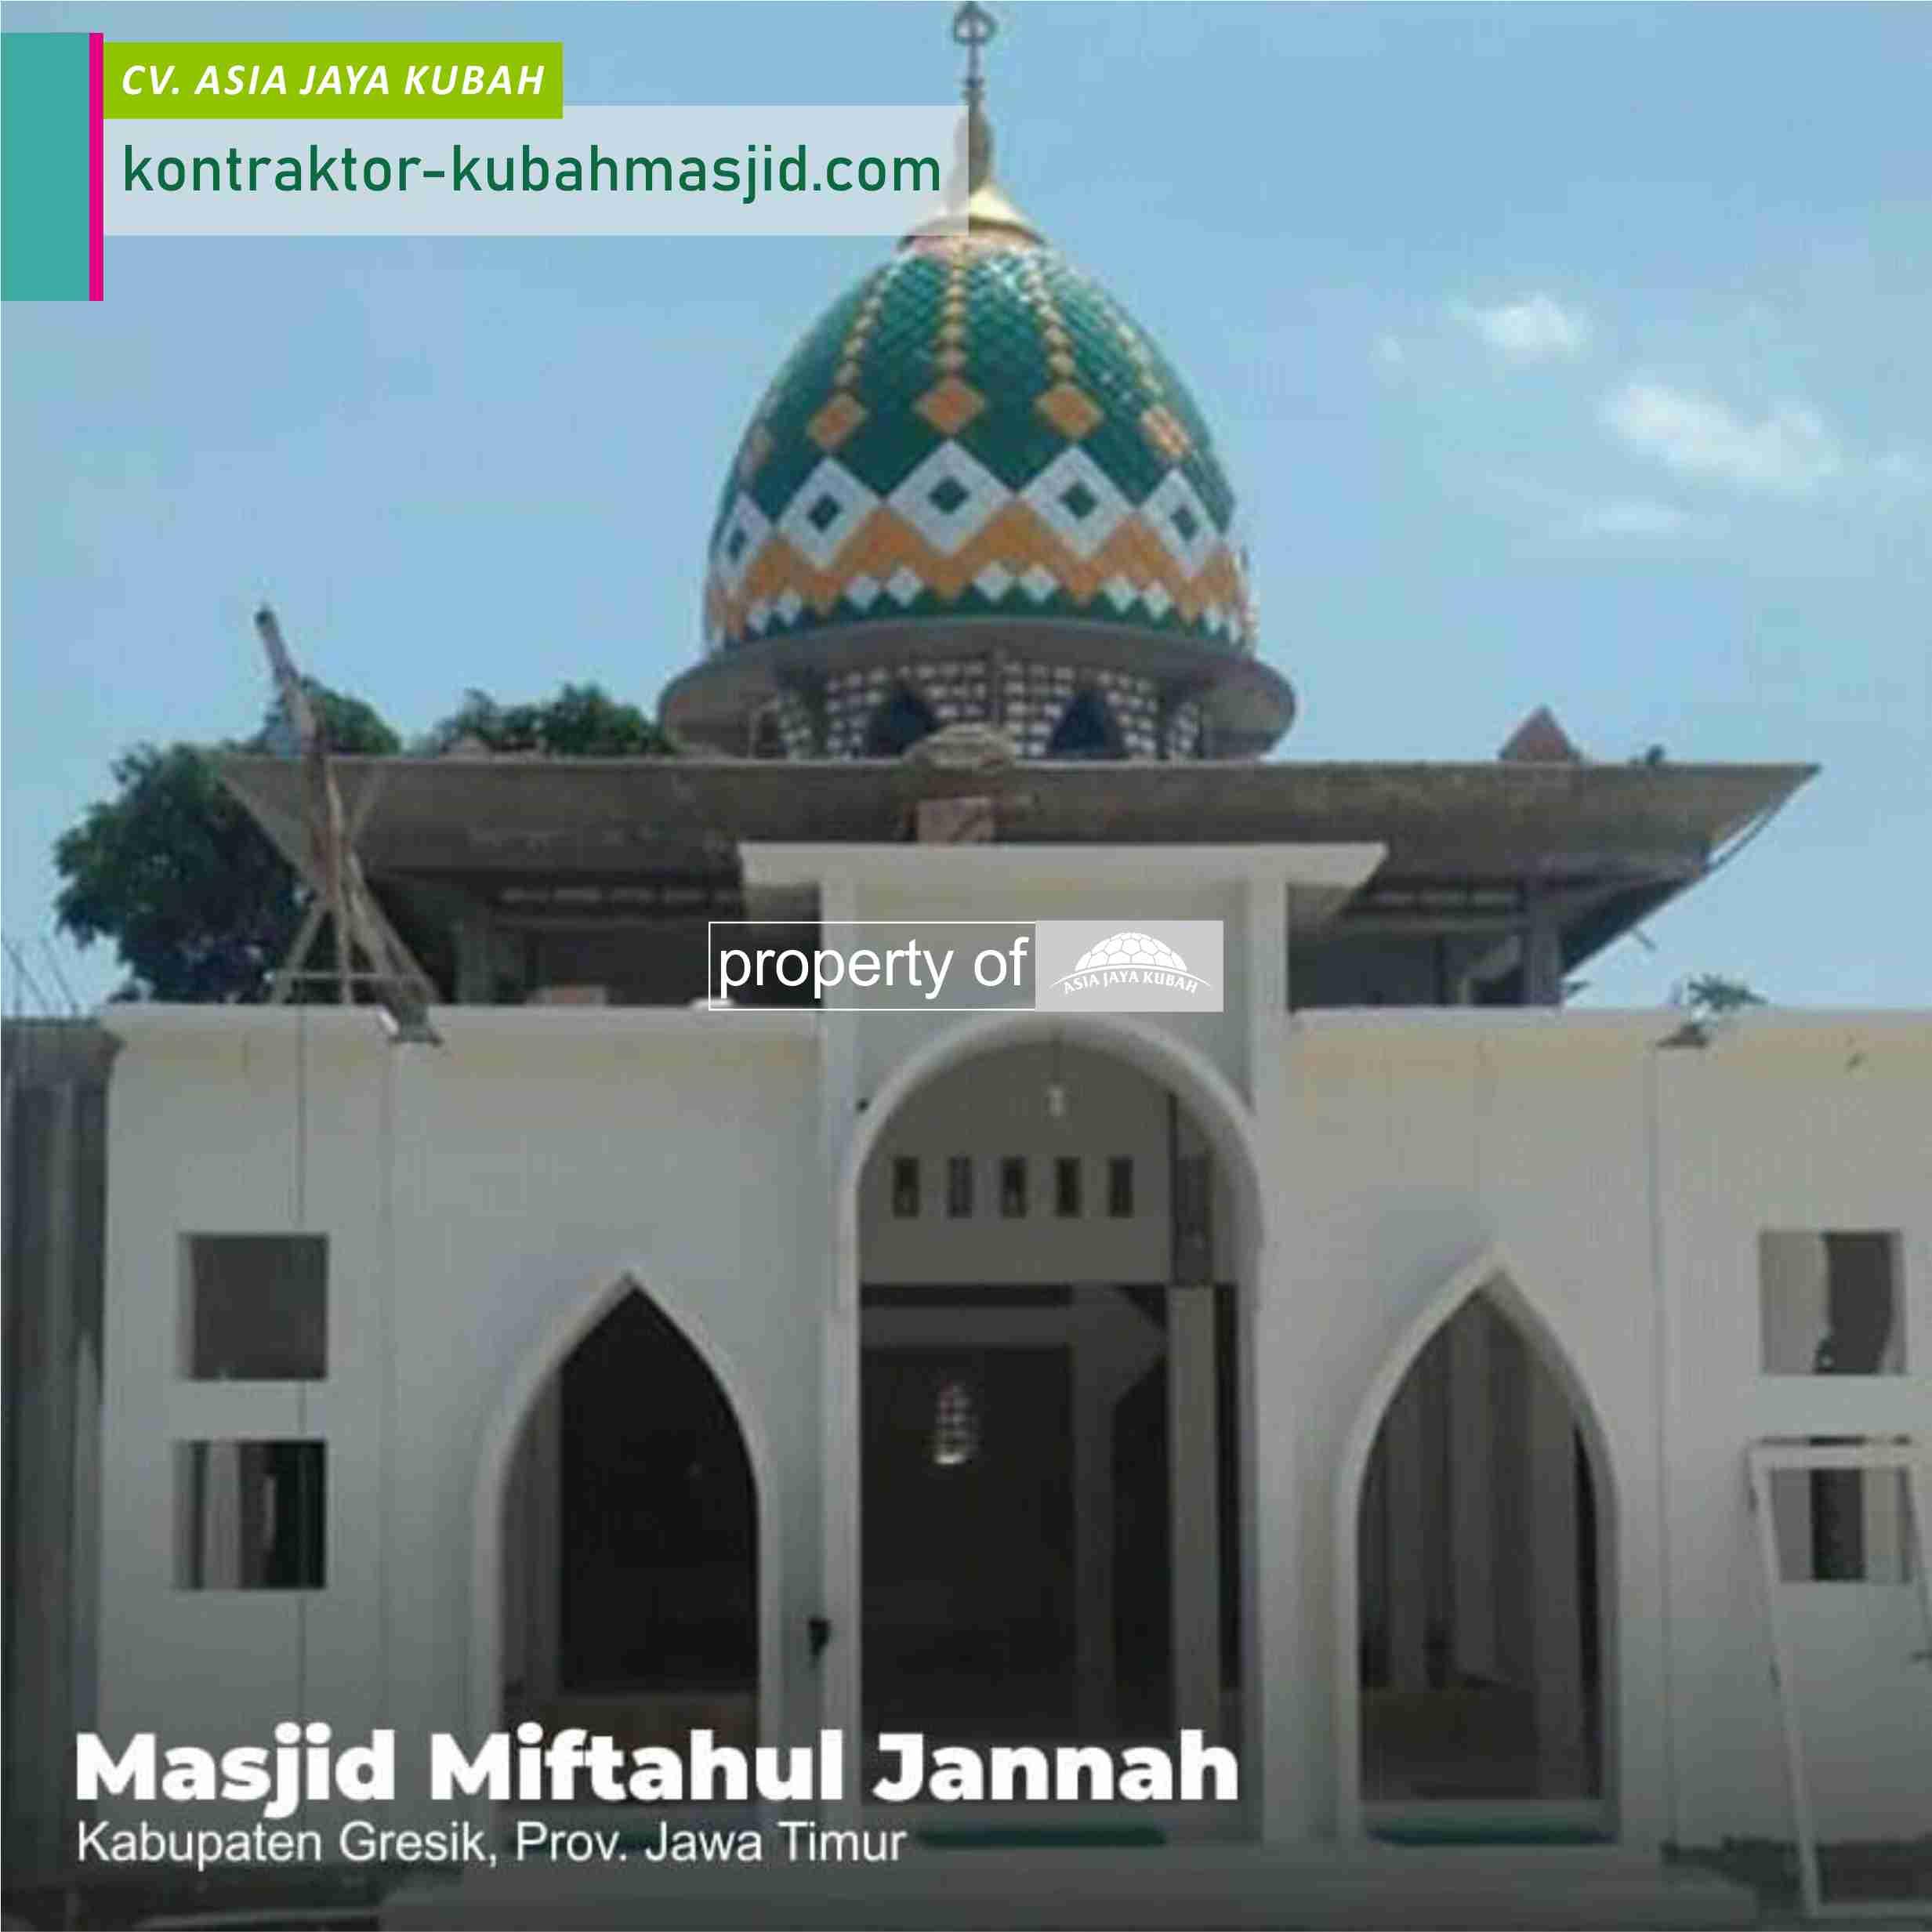 Harga Kubah Masjid Galvalum 2022 di Sumatera Selatan